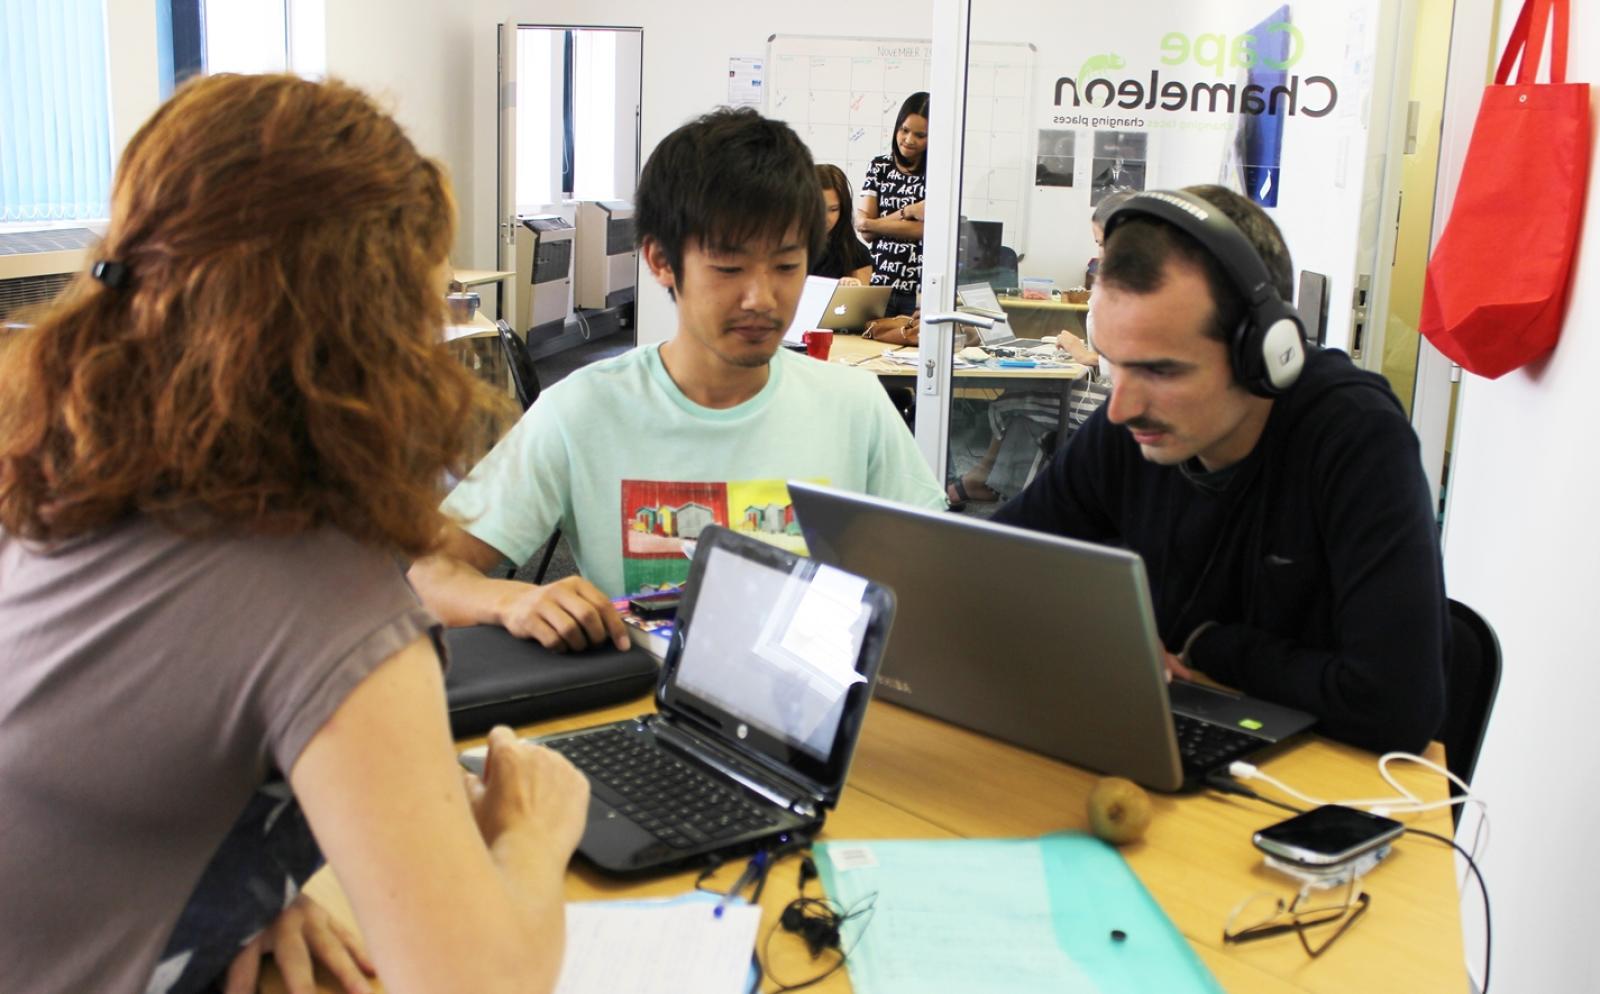 南アフリカ共和国でウェブマガジンの出版に携わる日本人ジャーナリズムインターン